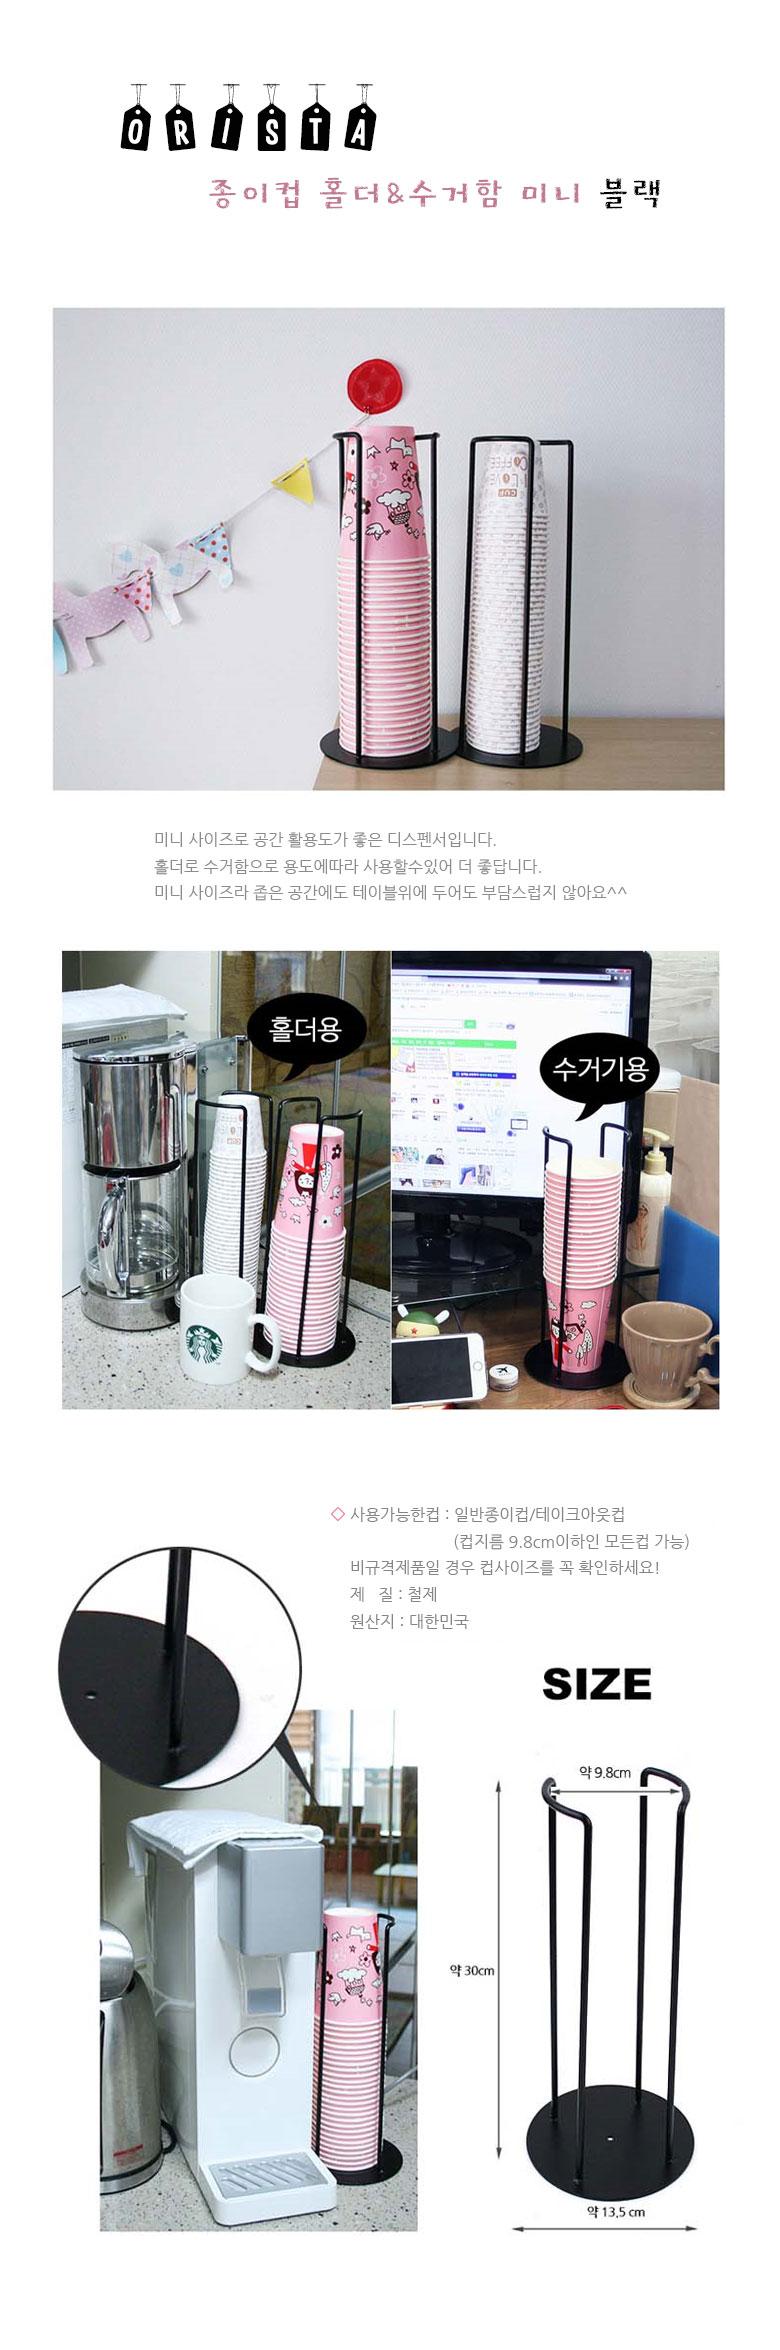 종이컵 홀더-수거함 미니 블랙 - 오리스타, 11,000원, 커피 용품, 커피소품